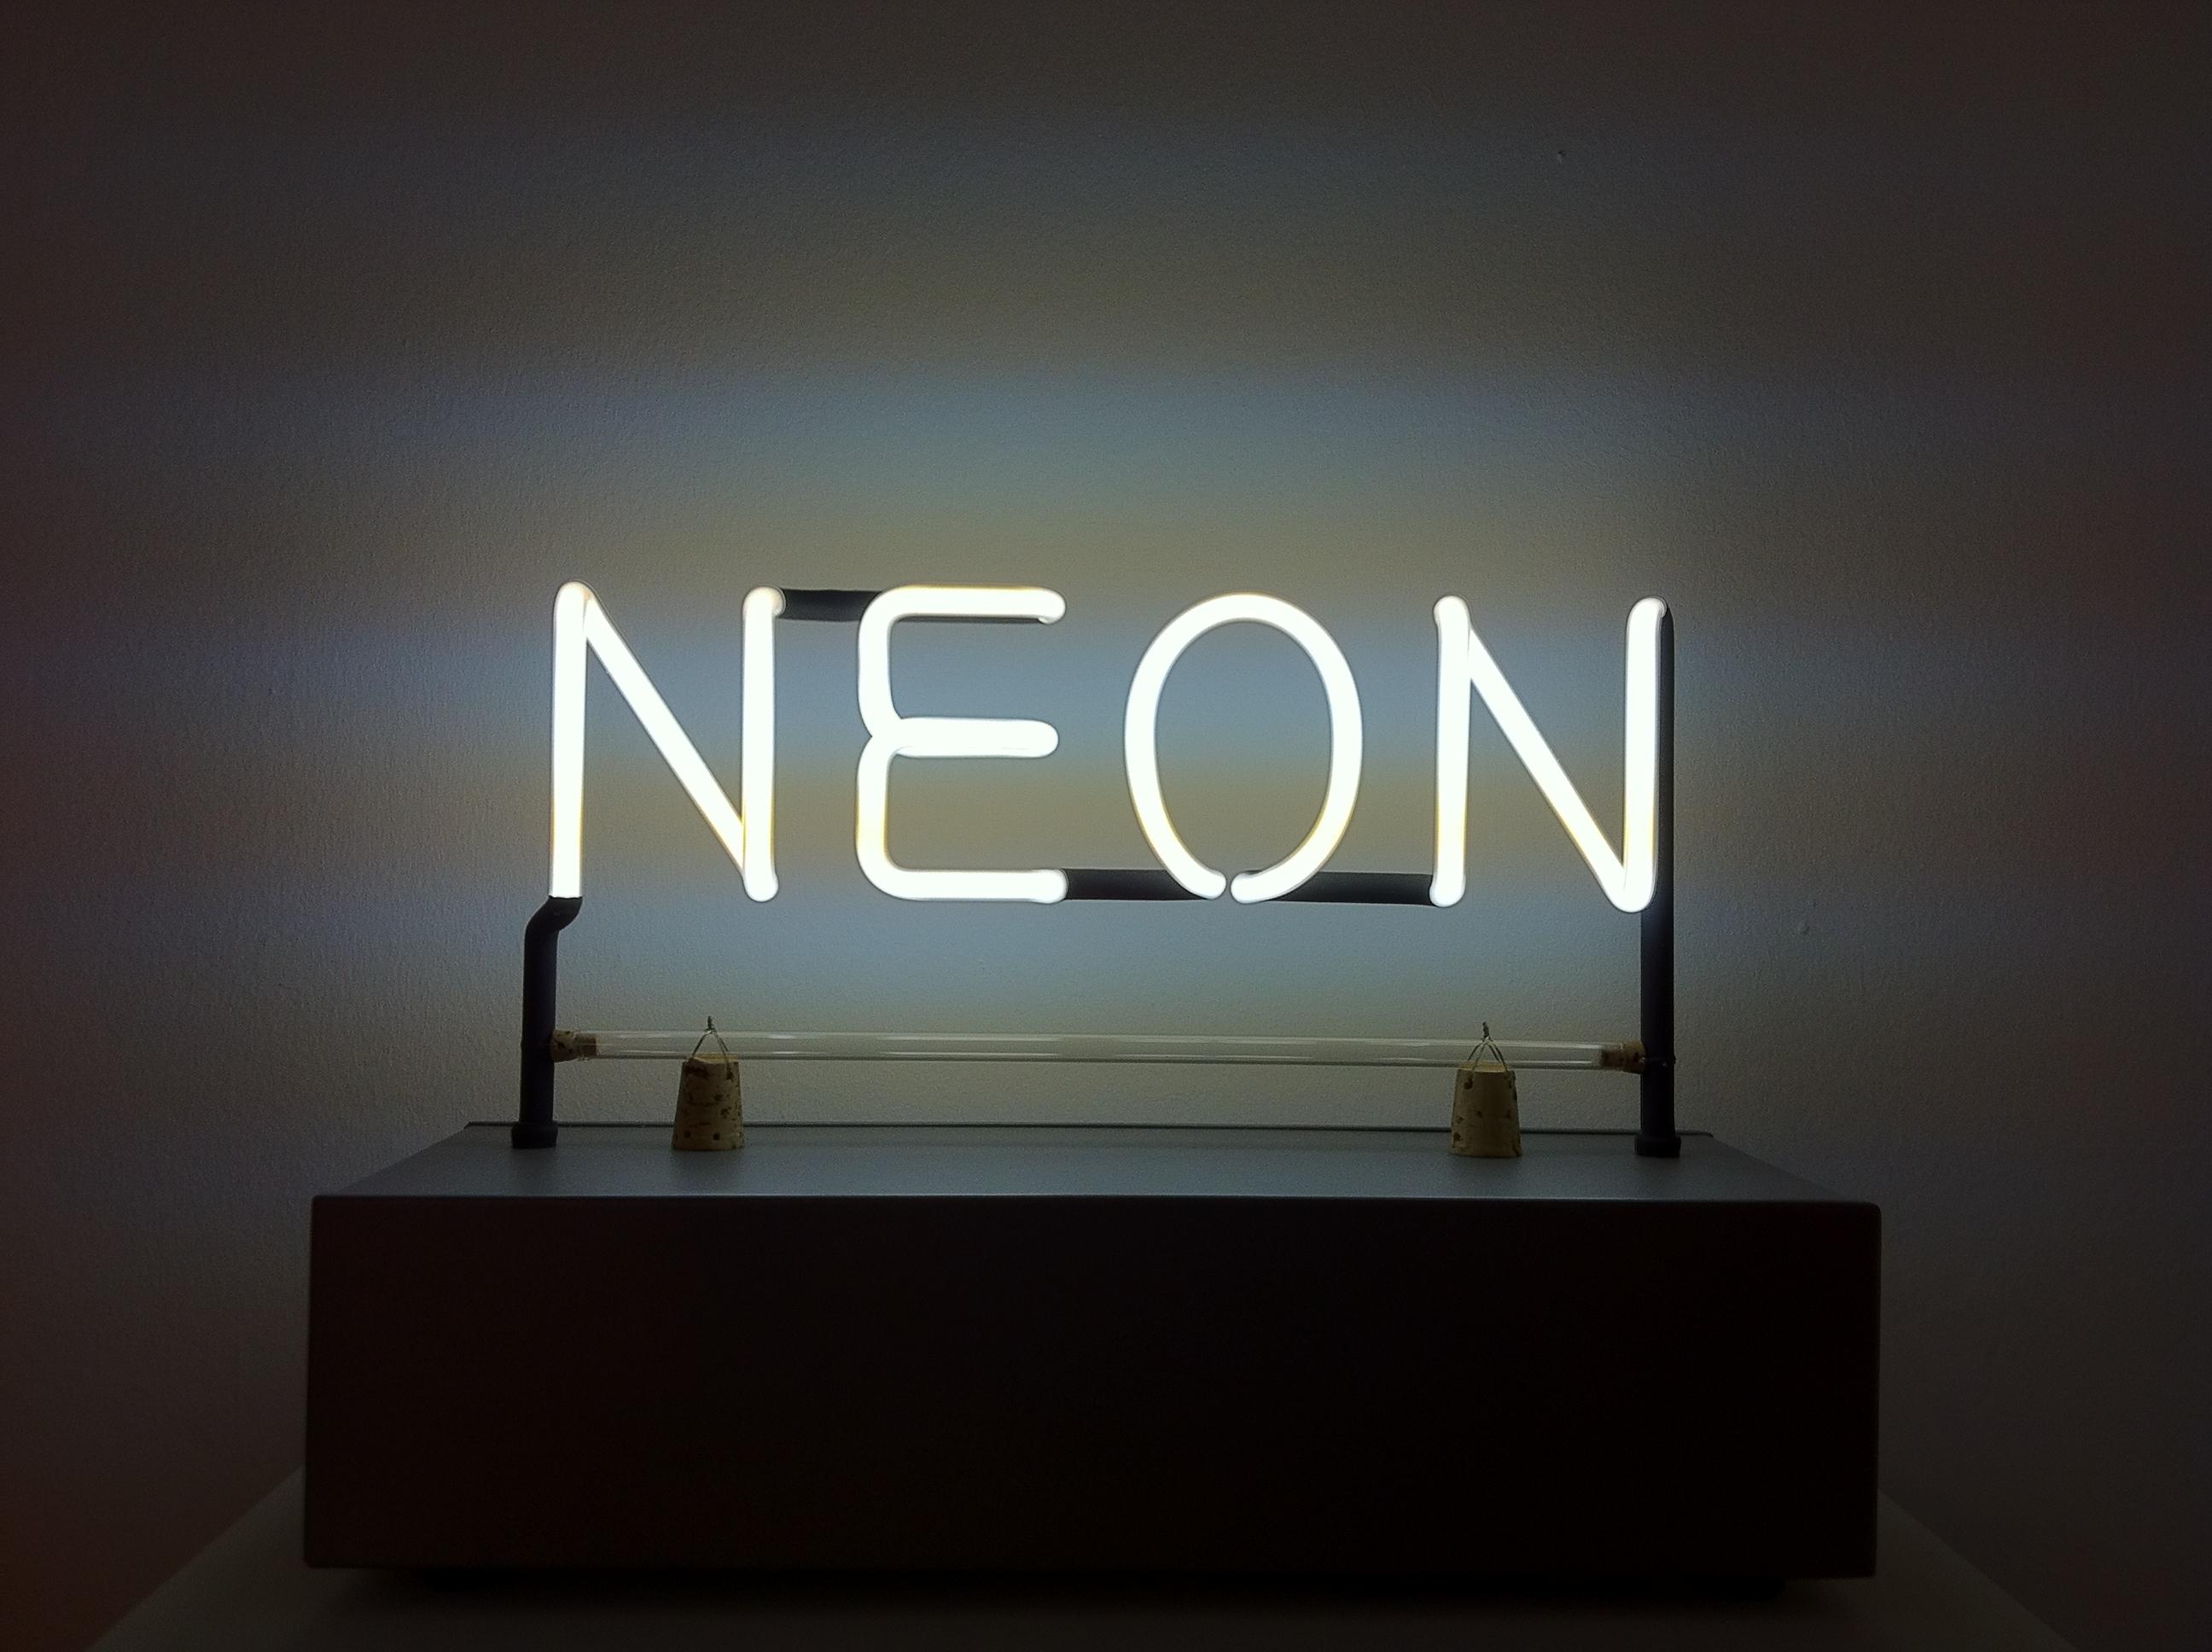 Joseph_Kosuth_-_Neon_(1965)